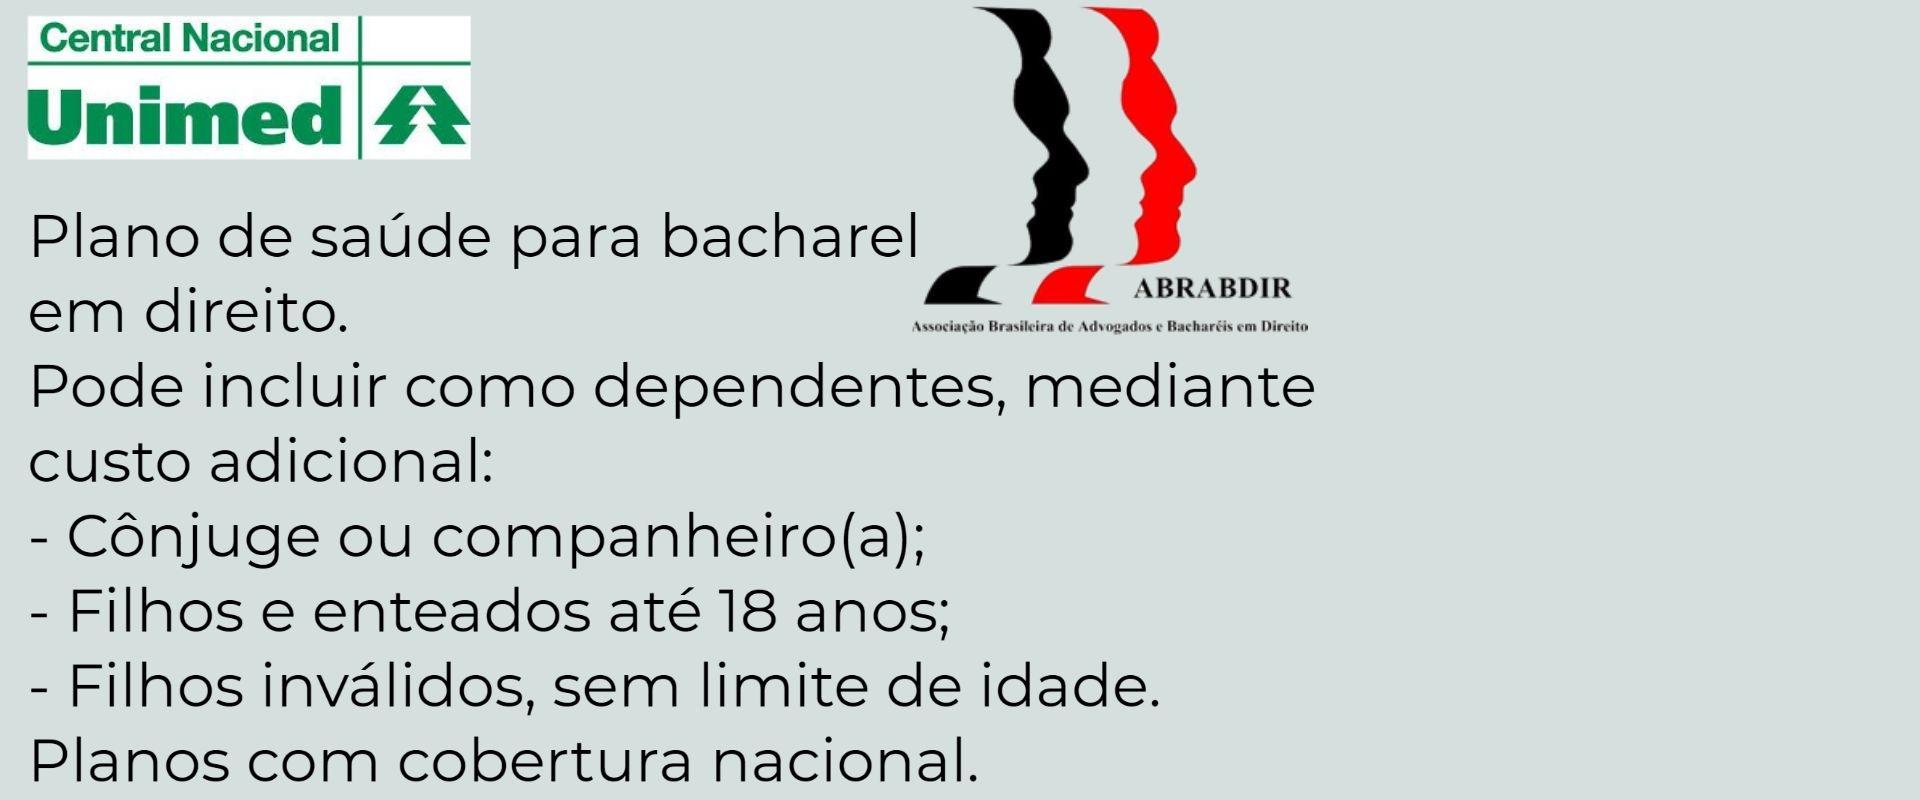 Unimed ABRABDIR São Vicente